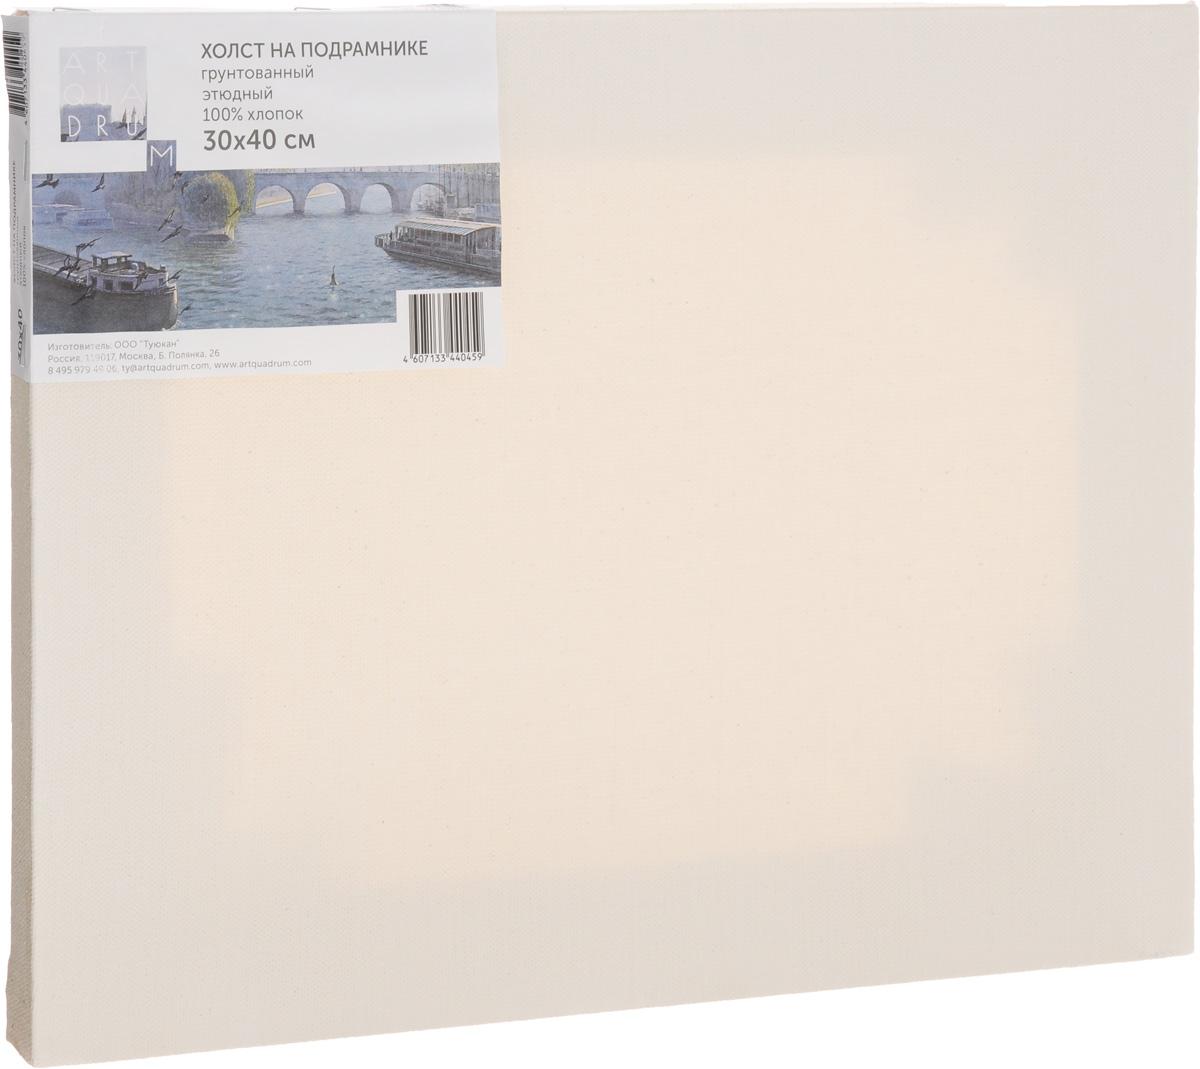 Холст ArtQuaDram Этюдный на подрамнике, грунтованный, 30 х 40 смТ0015336Холст на деревянном подрамнике ArtQuaDram Этюдный изготовлен из 100% натурального хлопка. Подходит для профессионалов и художников. Холст не трескается, не впитывает слишком много краски, цвет краски и качество не изменяются. Холст идеально подходит для масляной и акриловой живописи.